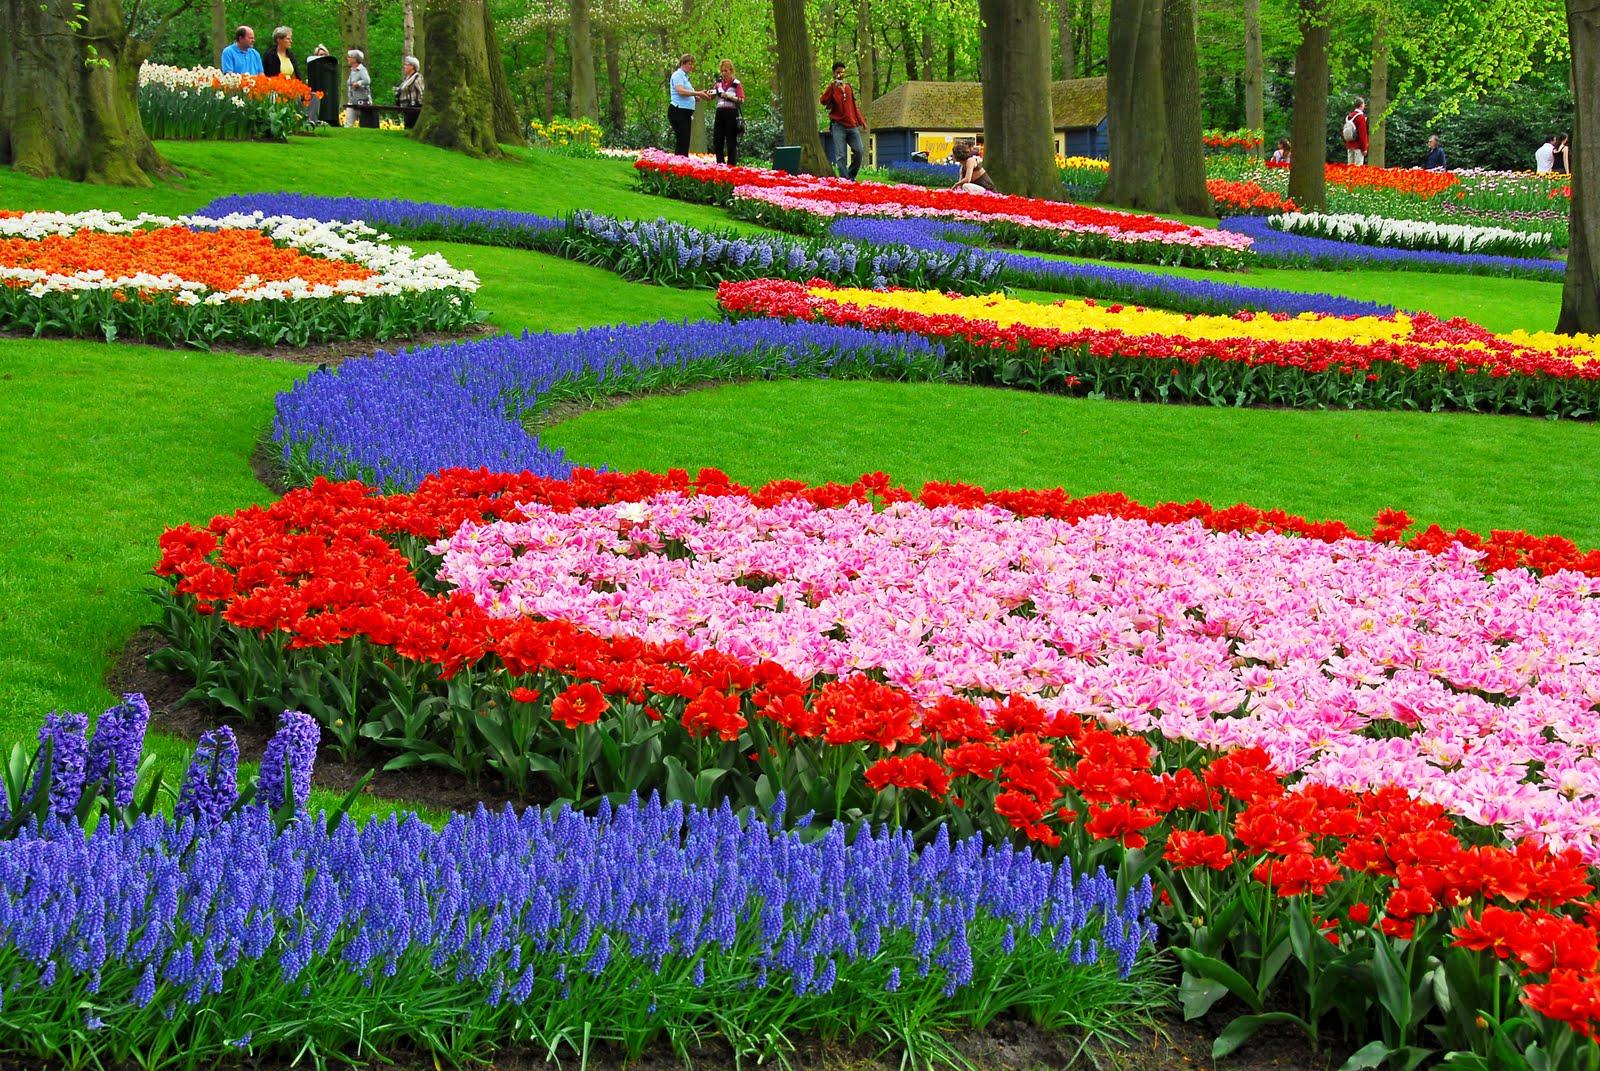 بالصور صور عن الورد , الجمال الطبيعى فى صور الورود 285 6